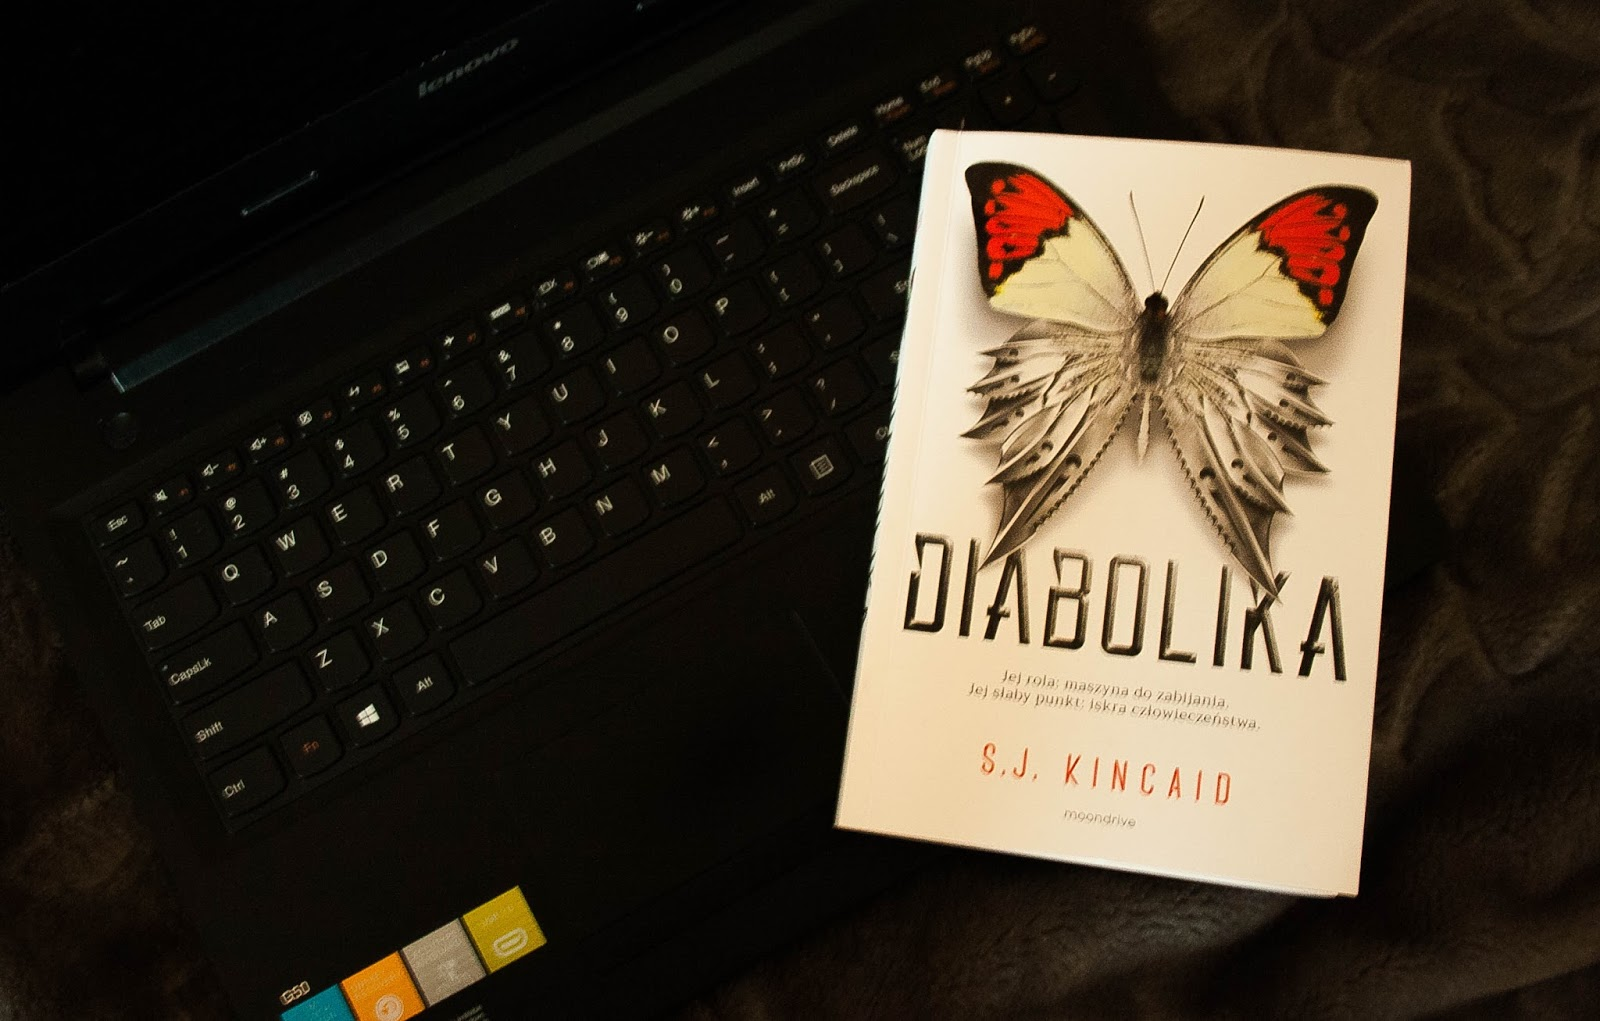 S.J.Kincaid: Diabolika